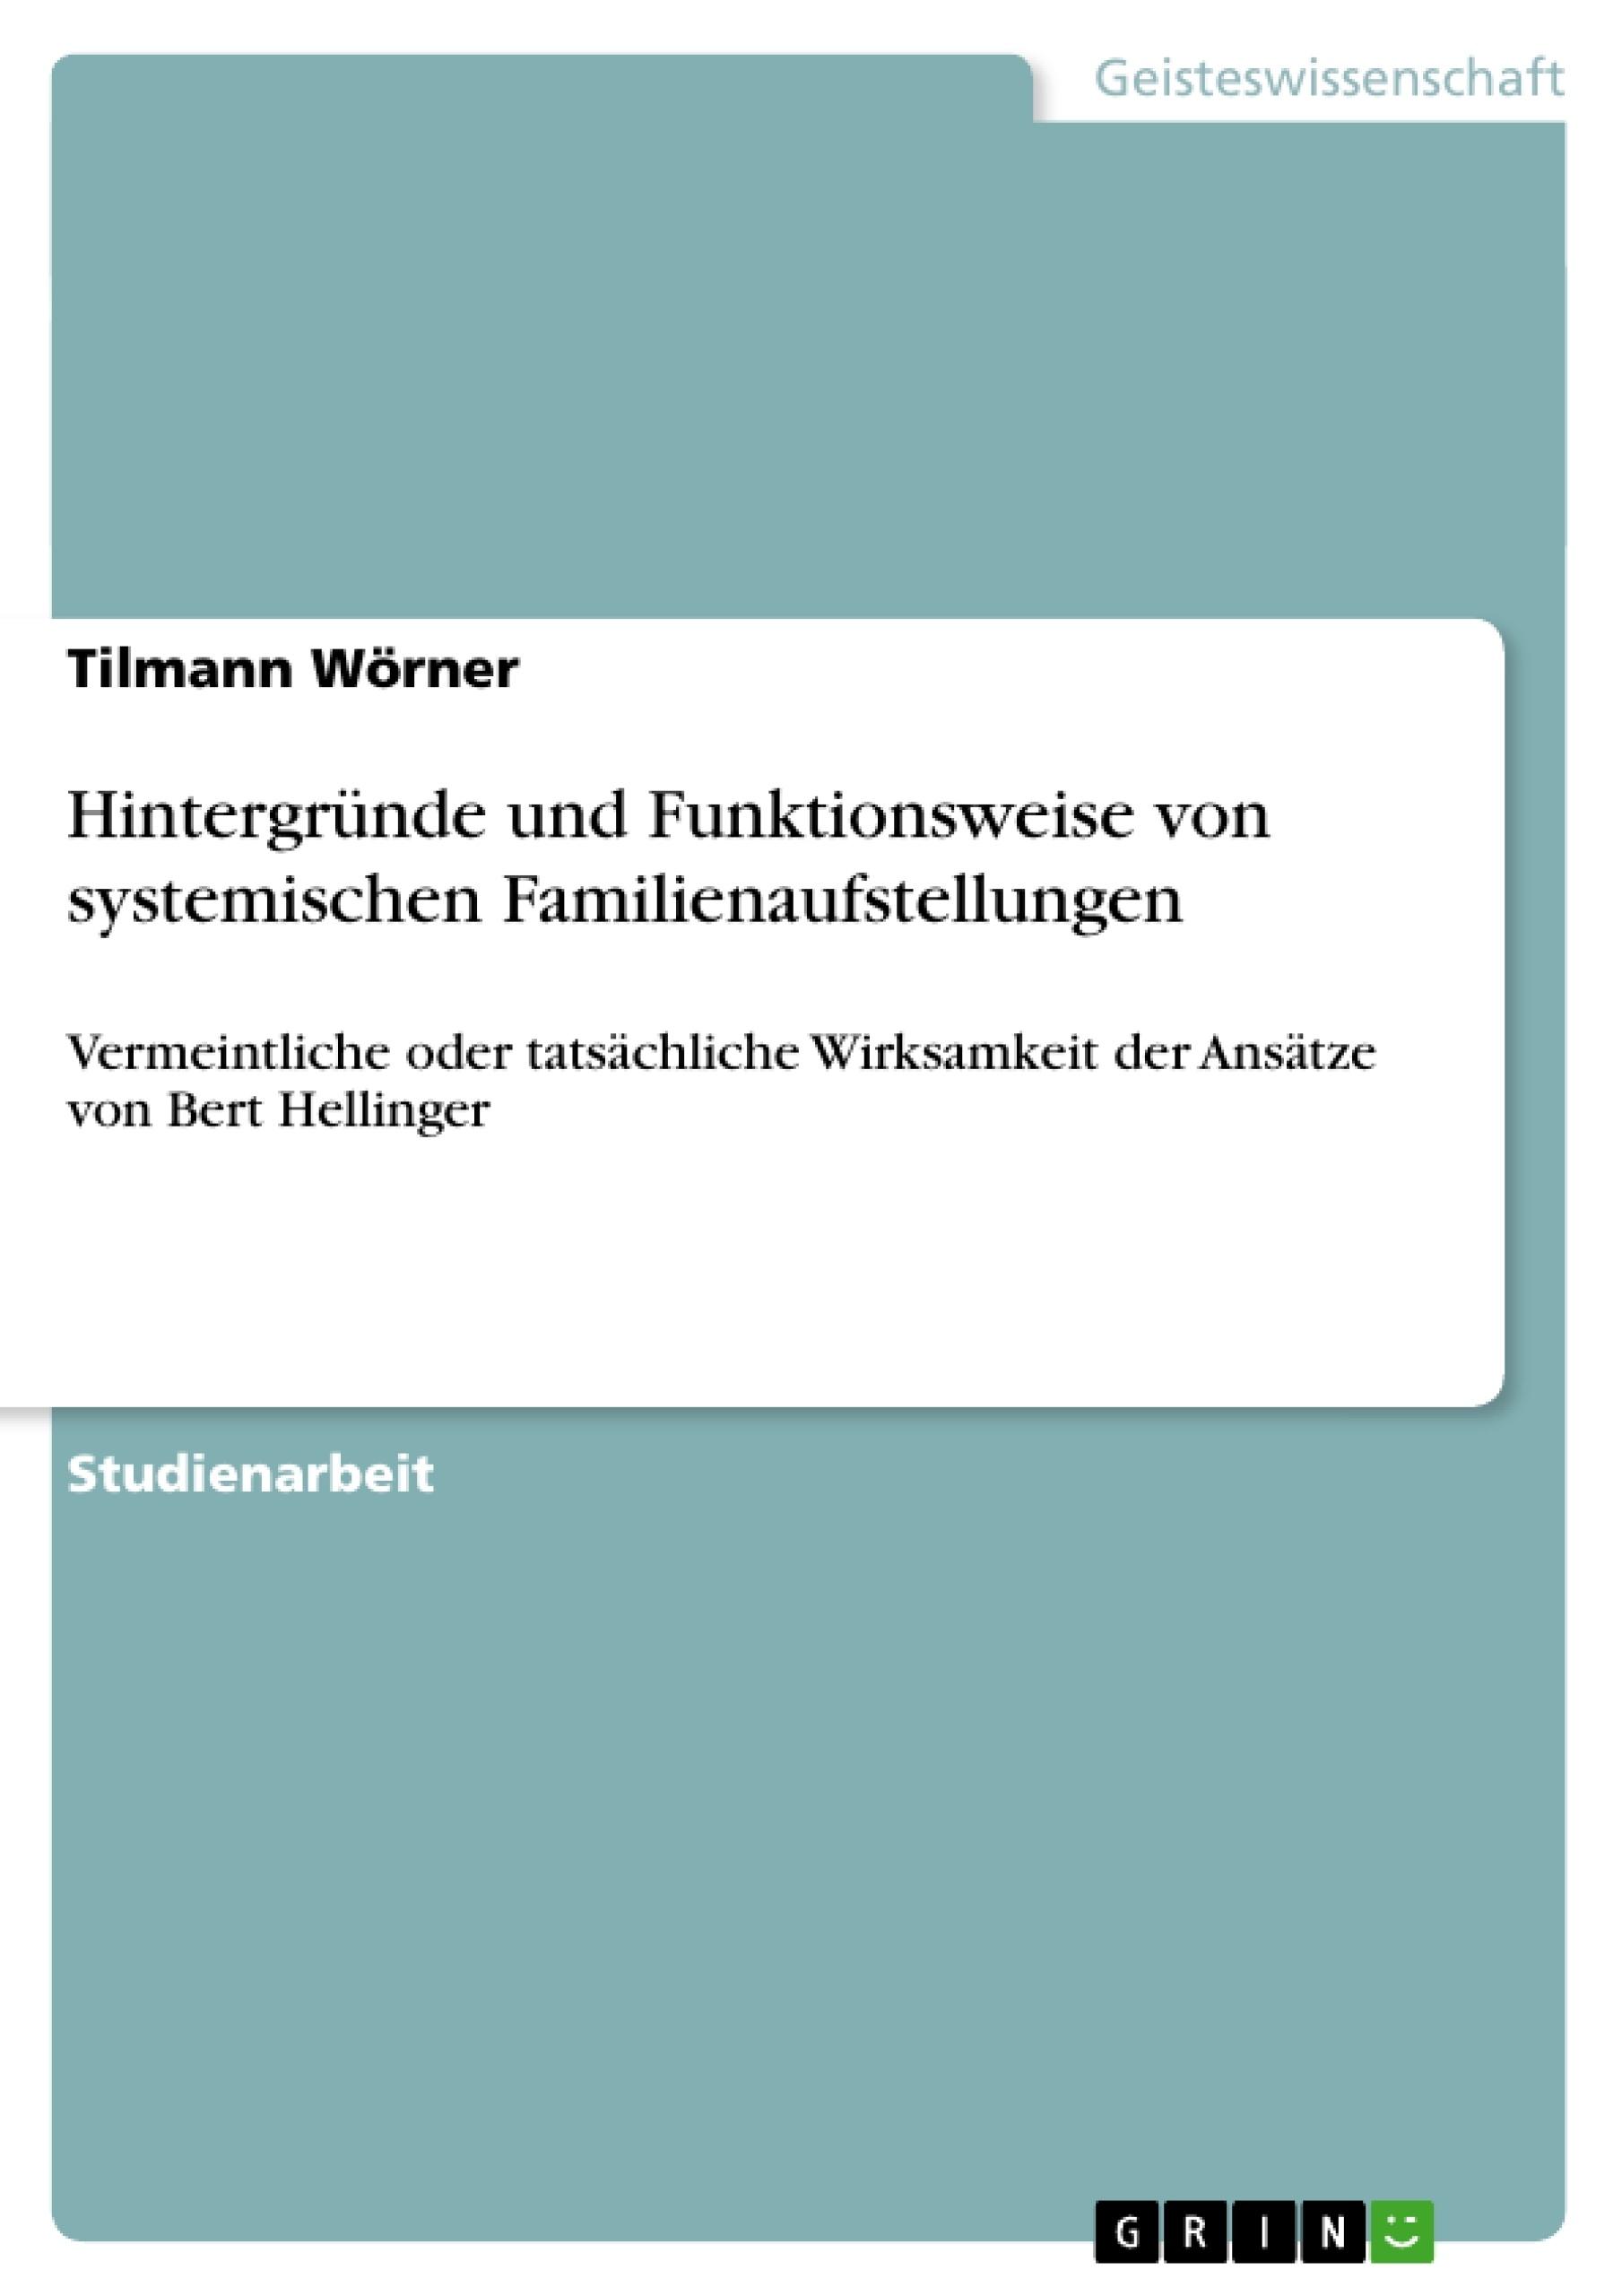 Titel: Hintergründe und Funktionsweise von systemischen Familienaufstellungen